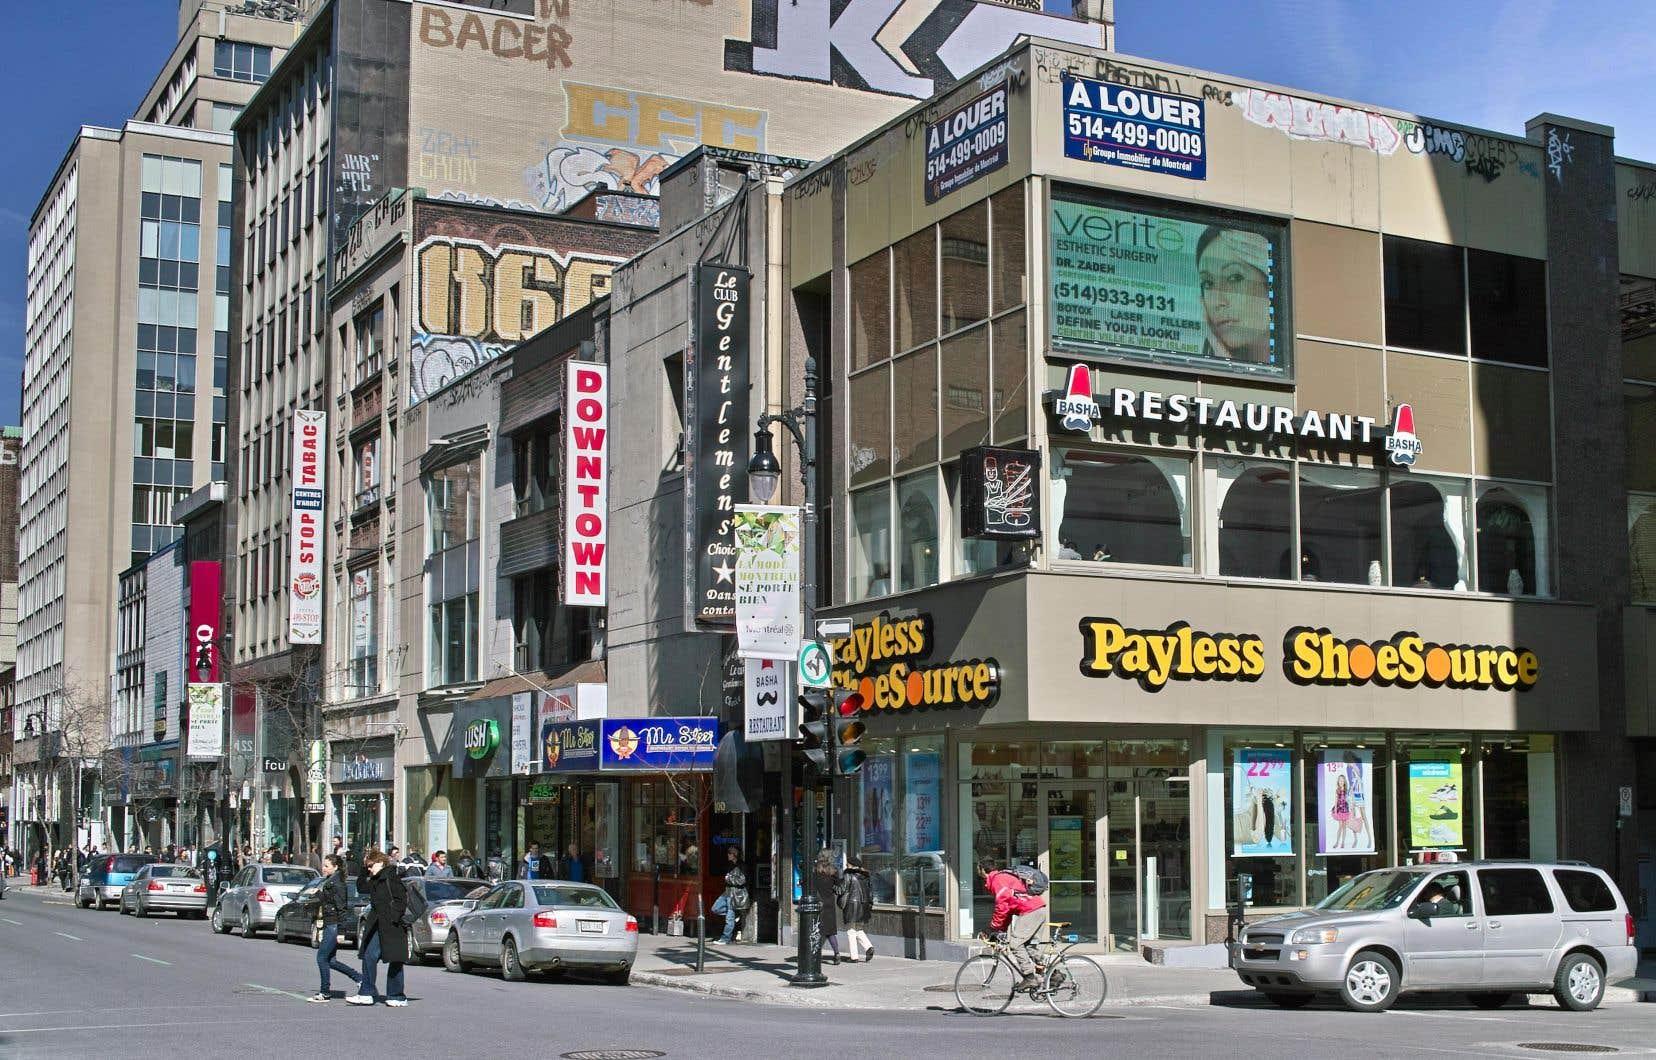 La ministre de la Langue française, Nathalie Roy, dit constater une baisse du respect de la loi 101 dans l'affichage commercial à Montréal.